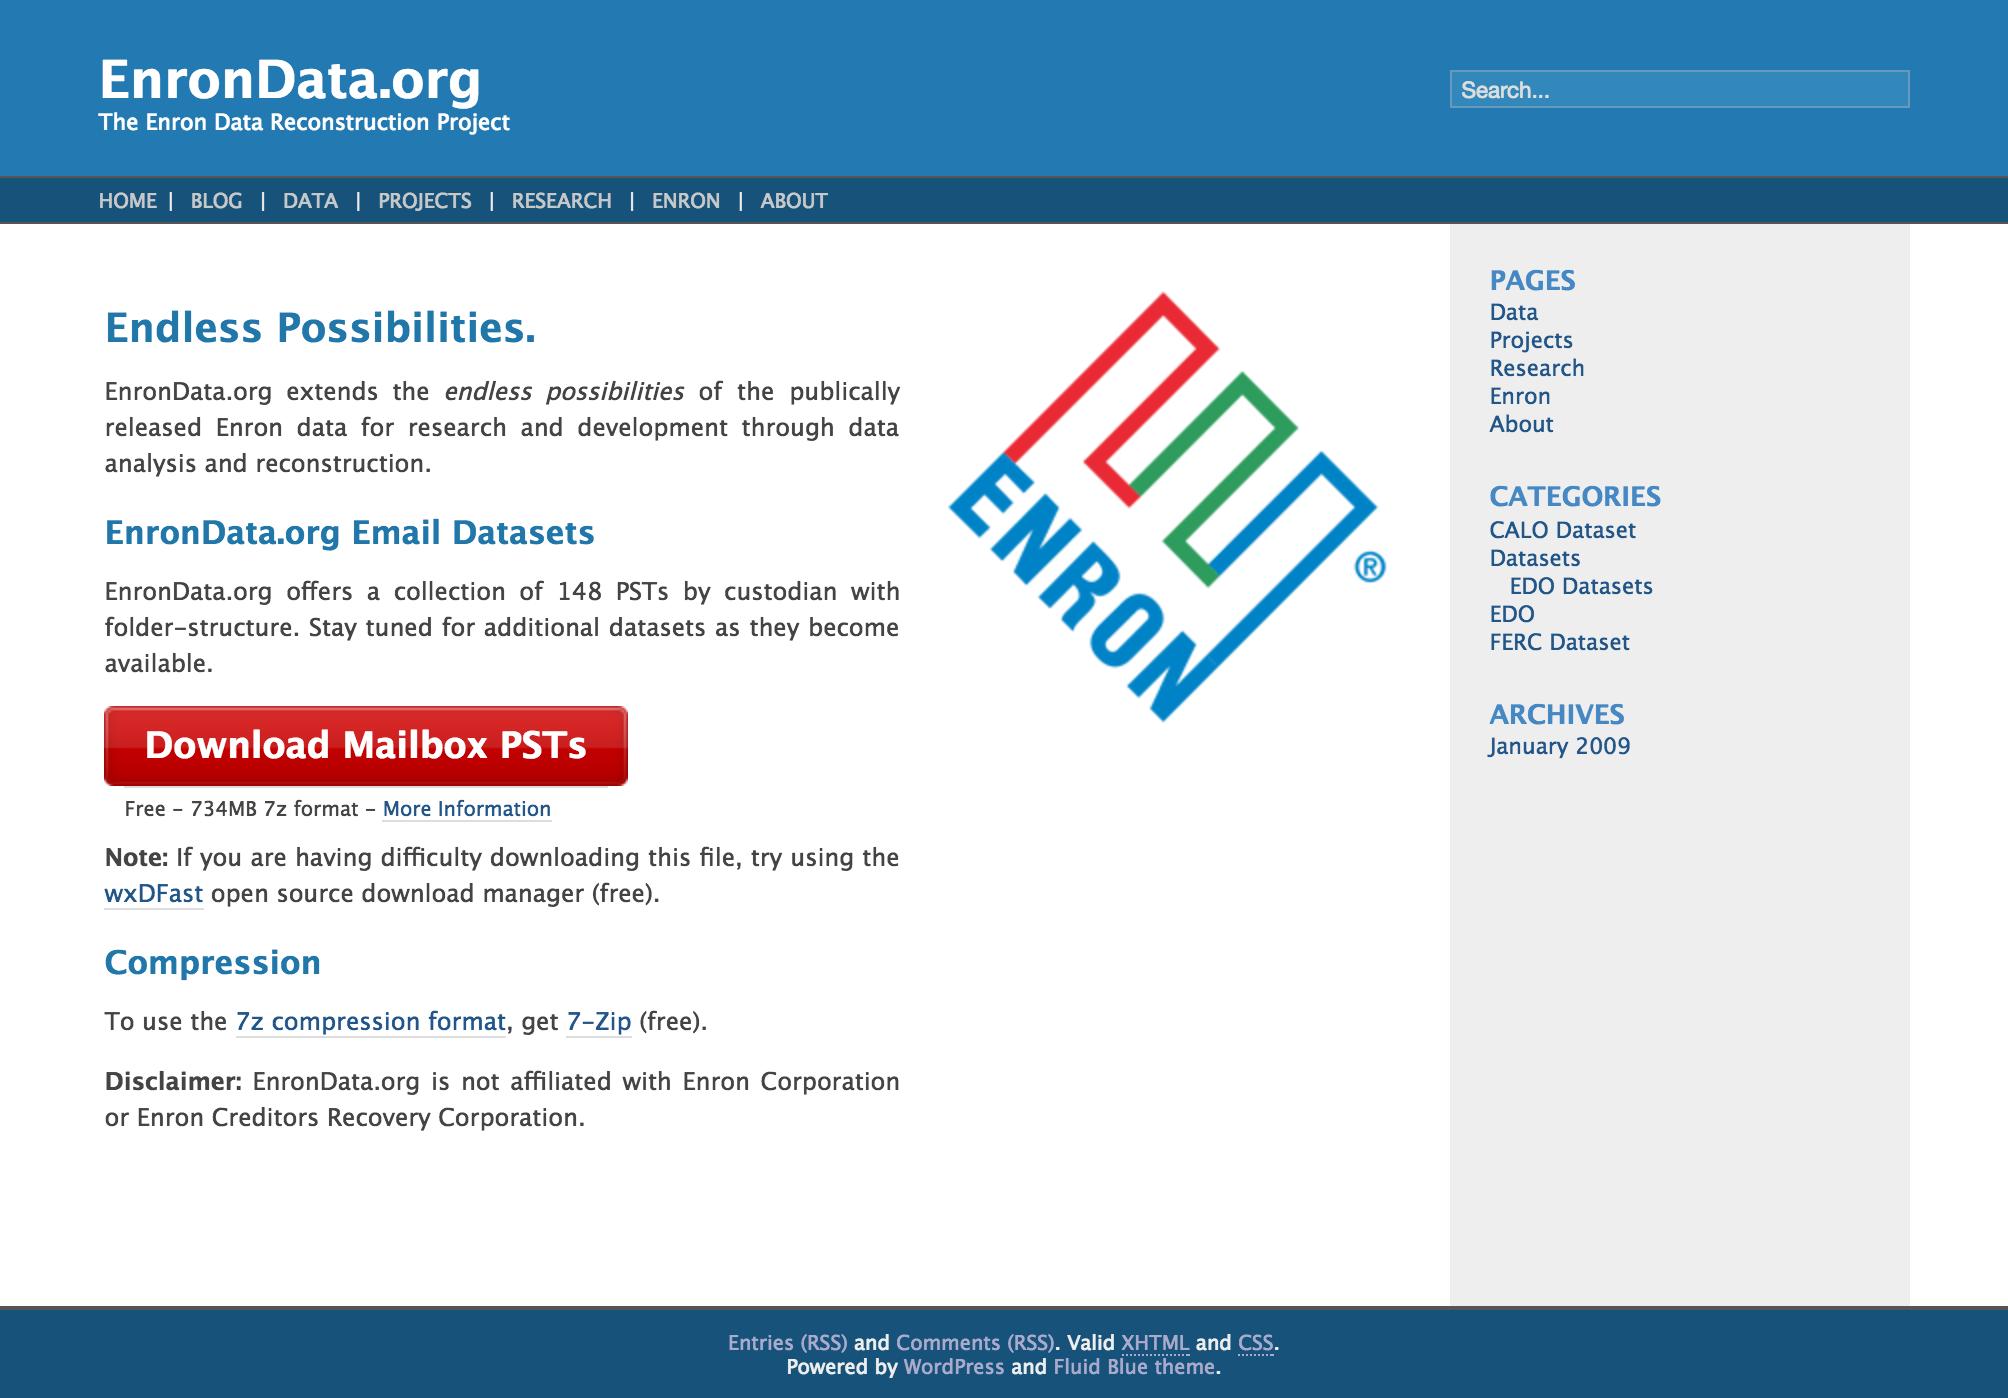 EnronData.org v1